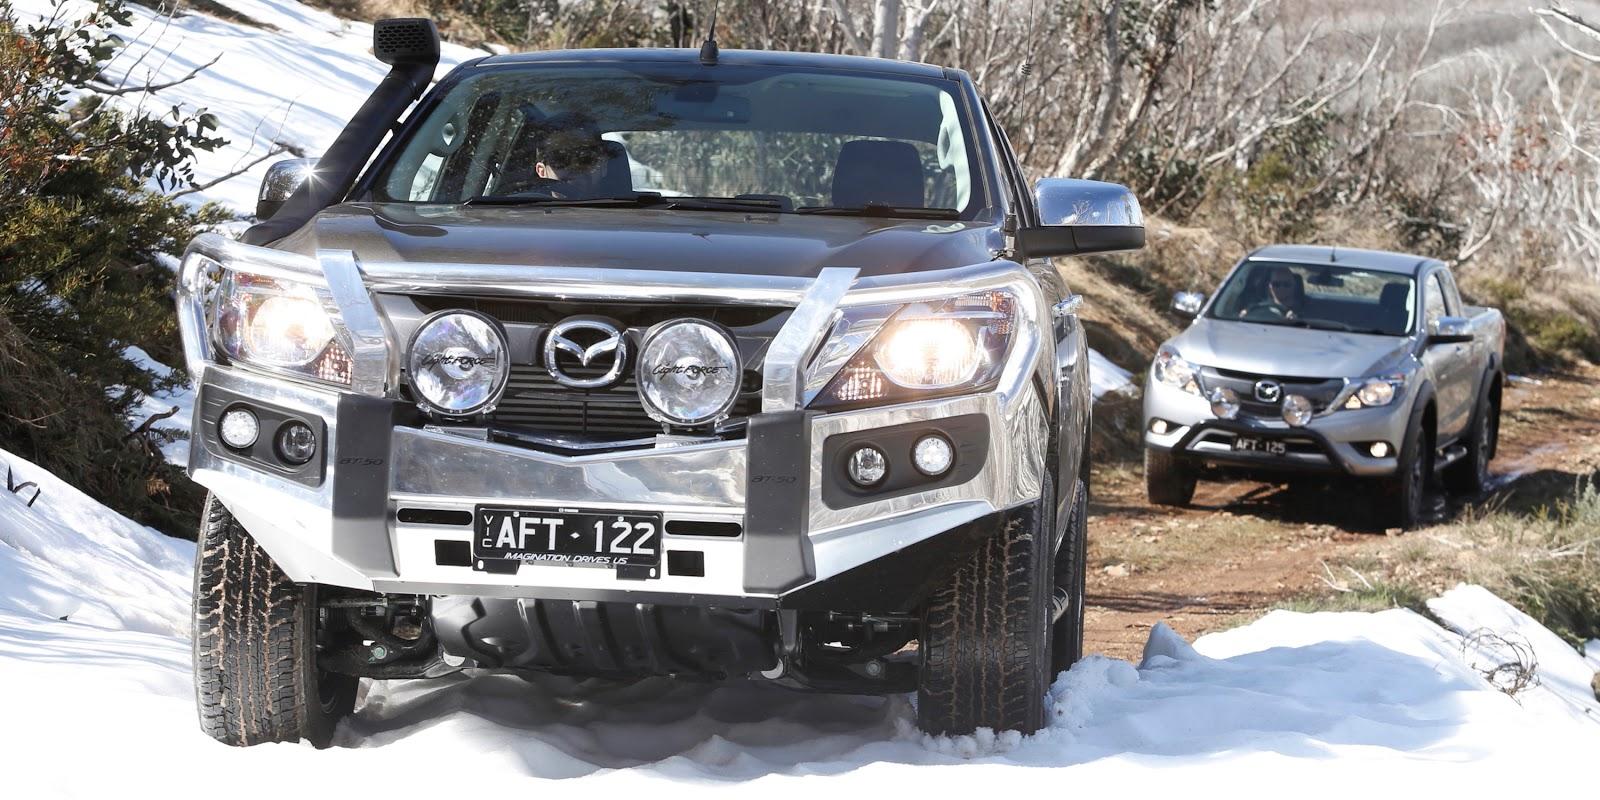 Terocket đã từng lái Mazda BT 50 từ Sài Gòn đi Vũng Tàu, chở rất nhiều đồ, nhưng thực sự là rất chán